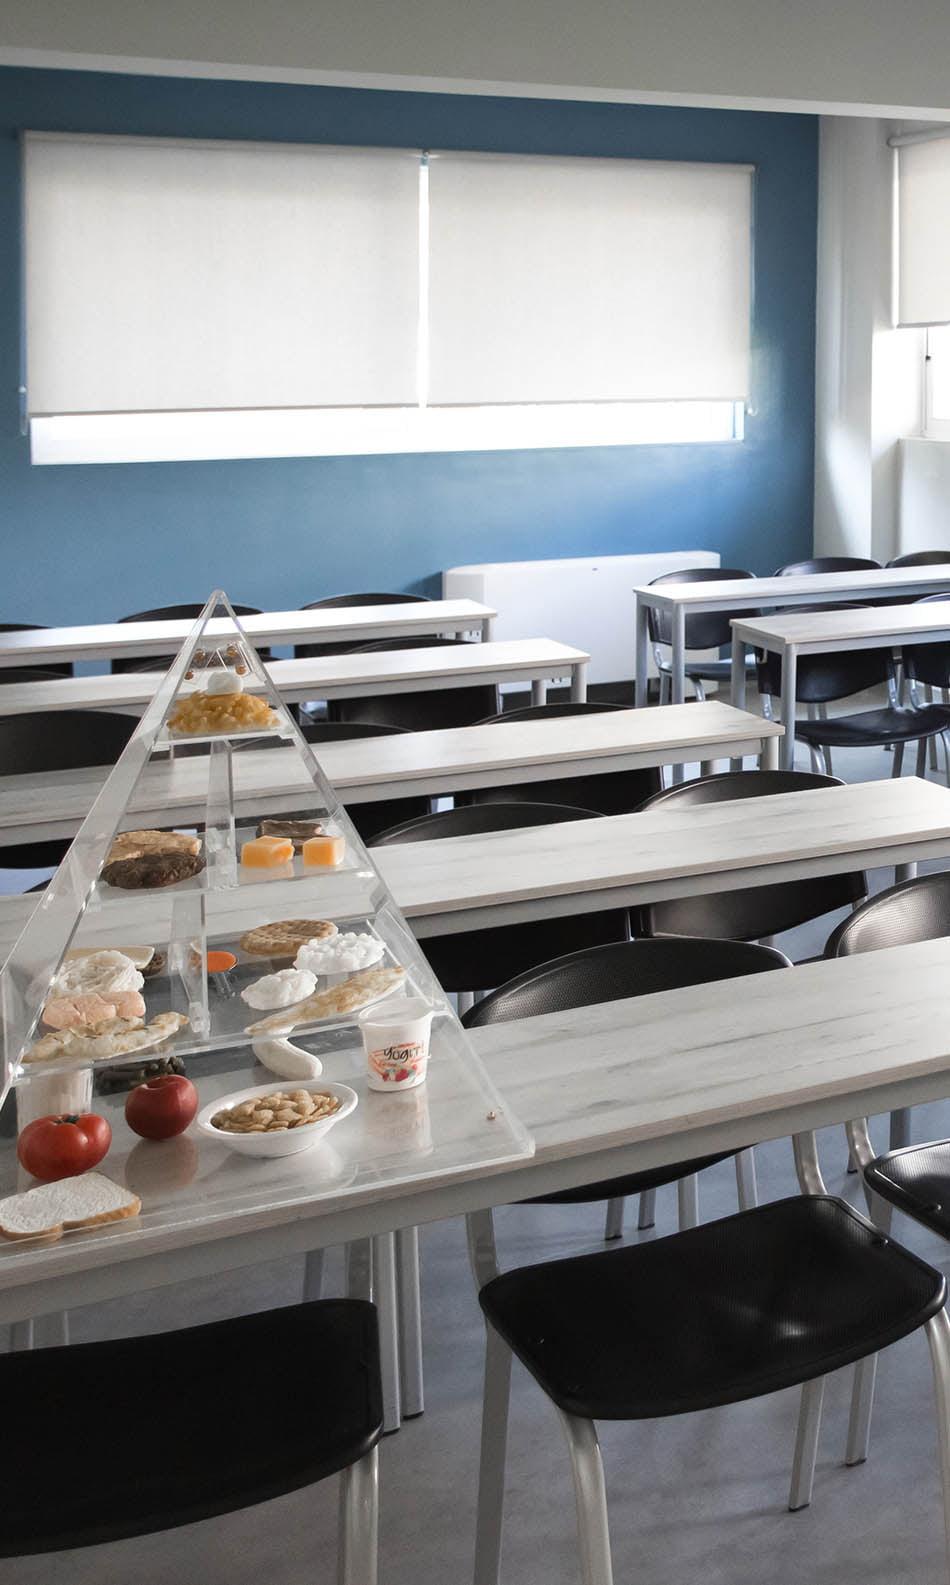 ΙΕΚ ΑΚΜΗ: Σχολή-Λάρισας